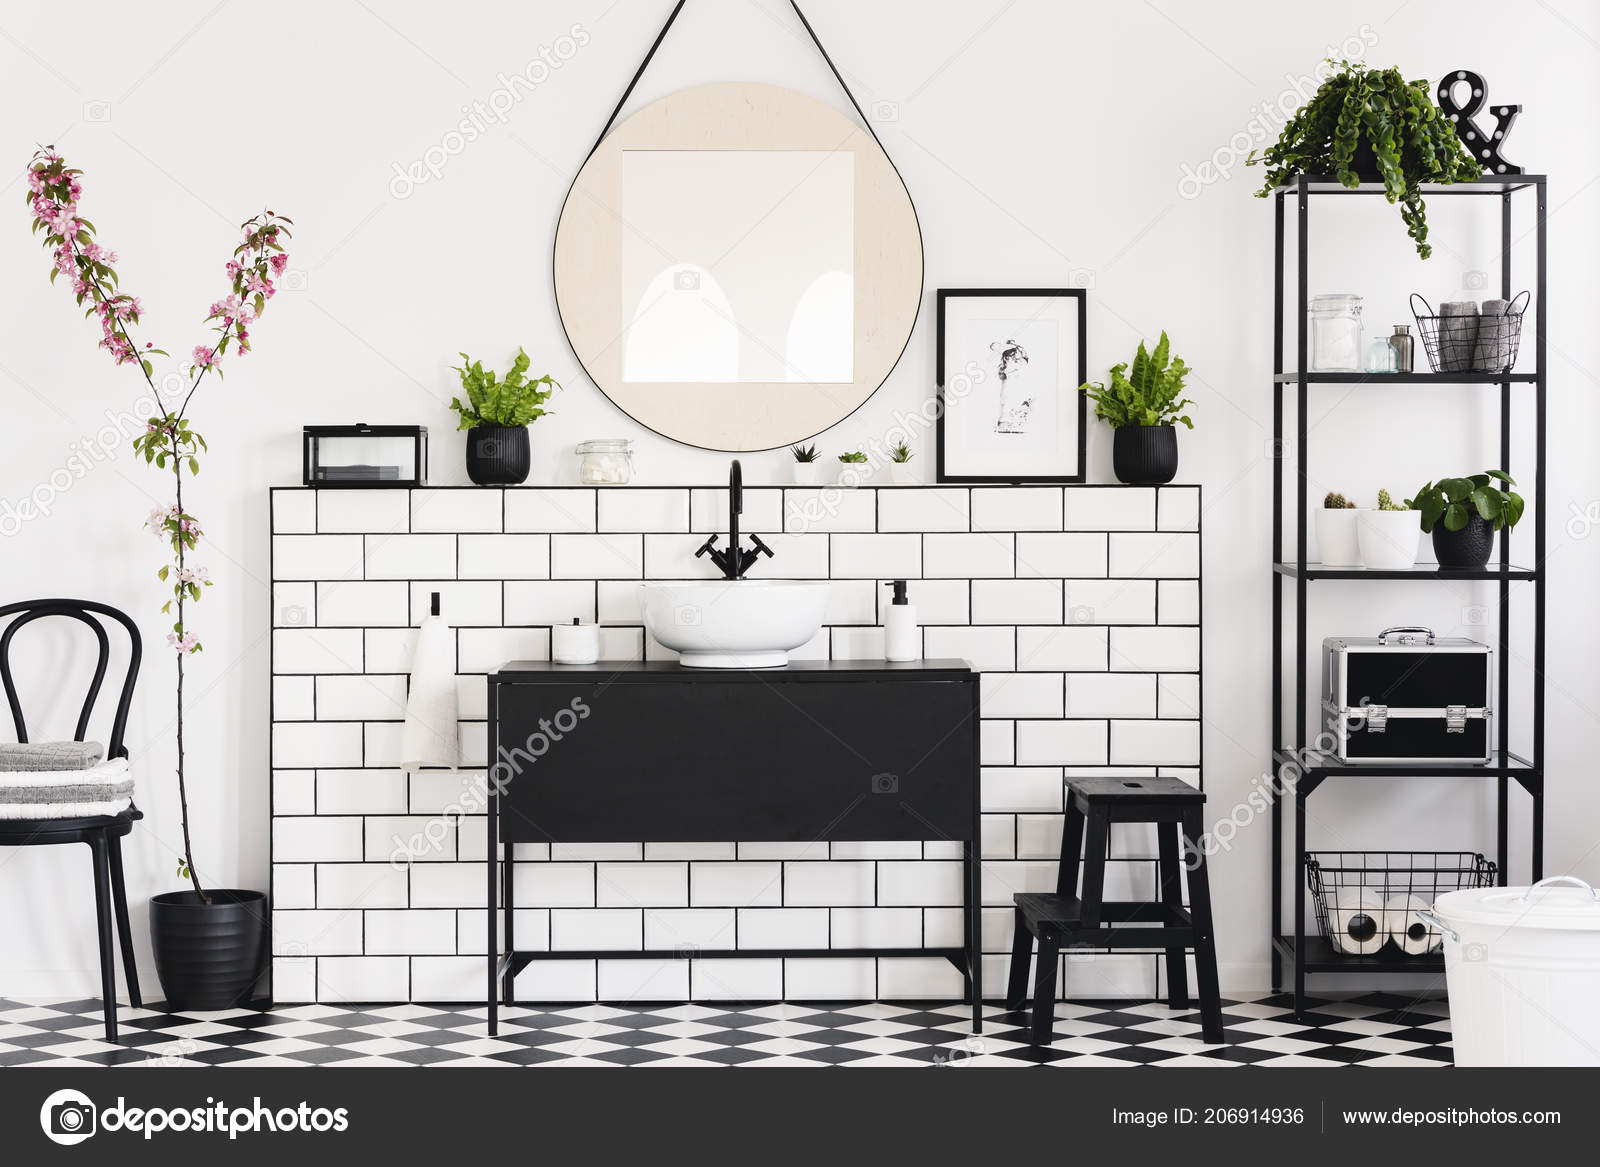 Spiegel boven zwart wastafel witte badkamer interieur met stoel